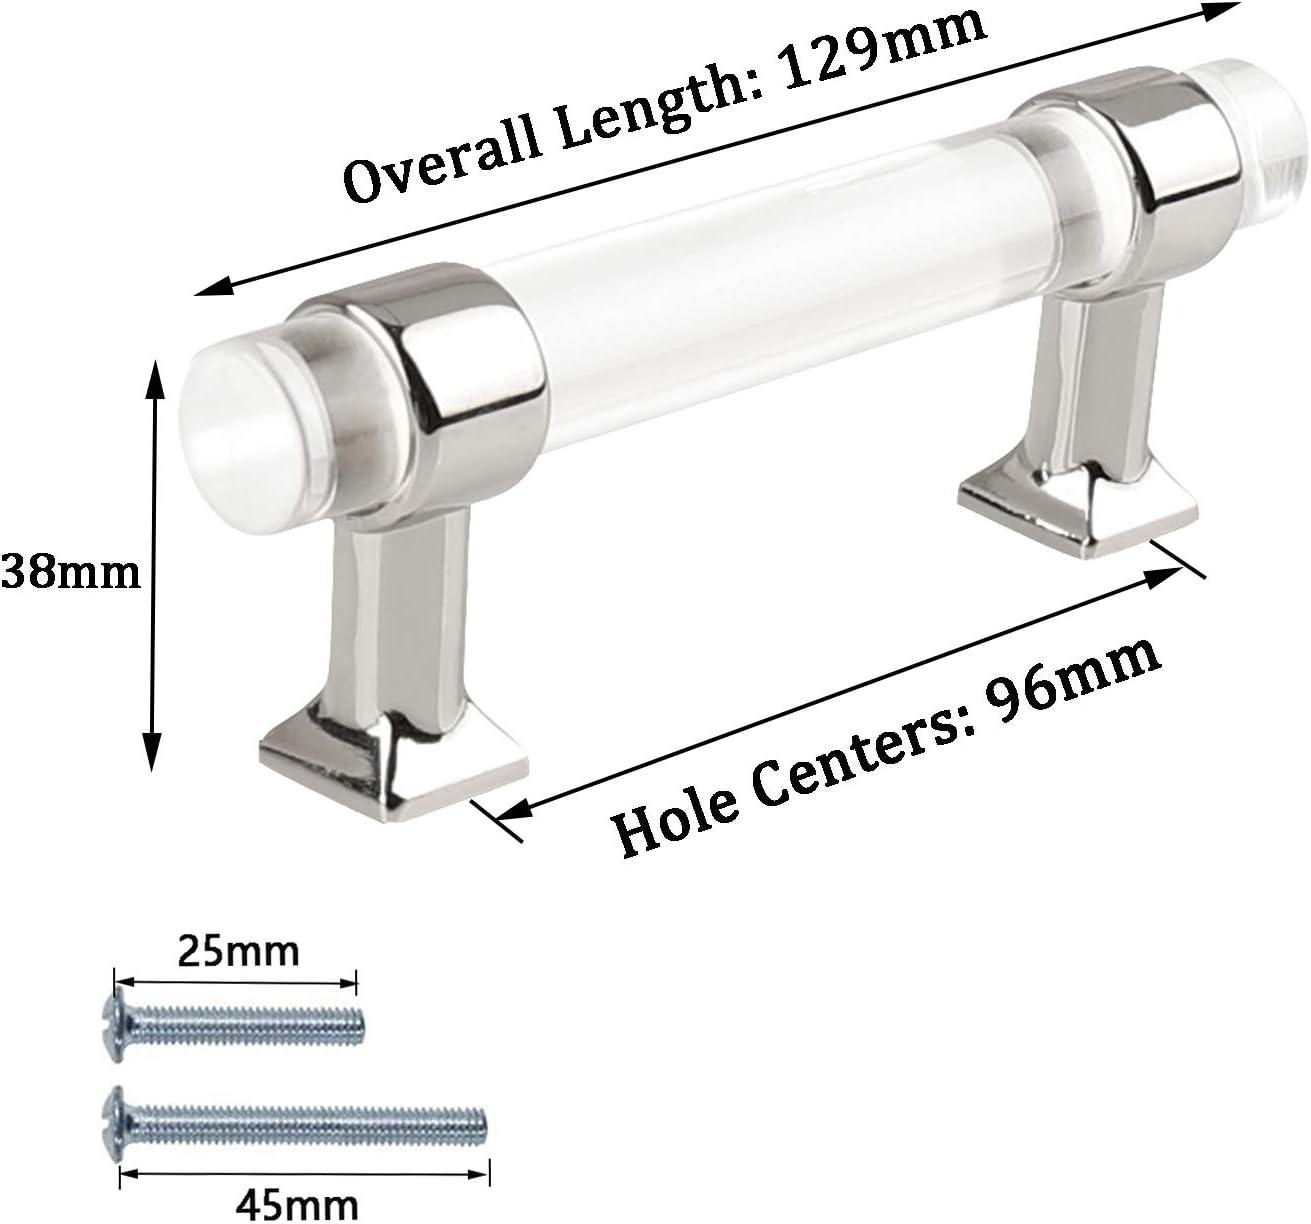 Schrankgriff PinLin K/üchent/ürgriffe 76mm Hole Centre Schrauben im Lieferumfang enthalten T-Griff silberfarben 5 St/ück transparentes Acryl